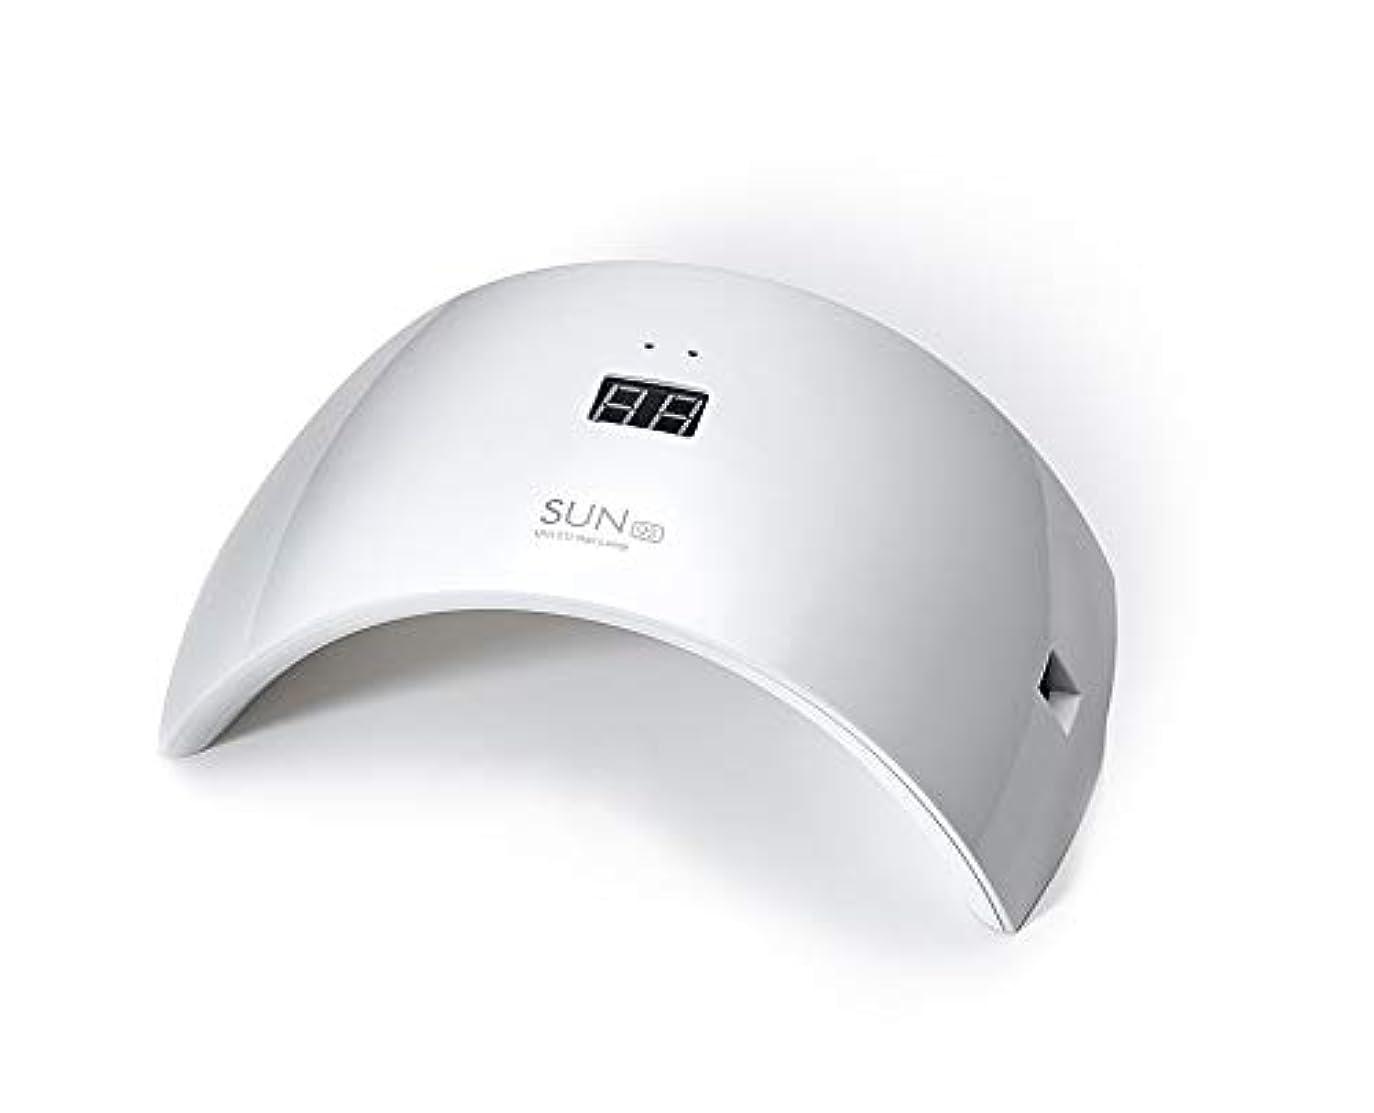 バンドルオーガニック上院ネイルドライヤー UV LEDネイルライト 24W ハイパワー 硬化用UVライト 赤外線検知 ジェルネイルライト 人感センサー タイマー付き ネイルランプ 速乾LEDダブルライト 母の日ギフト